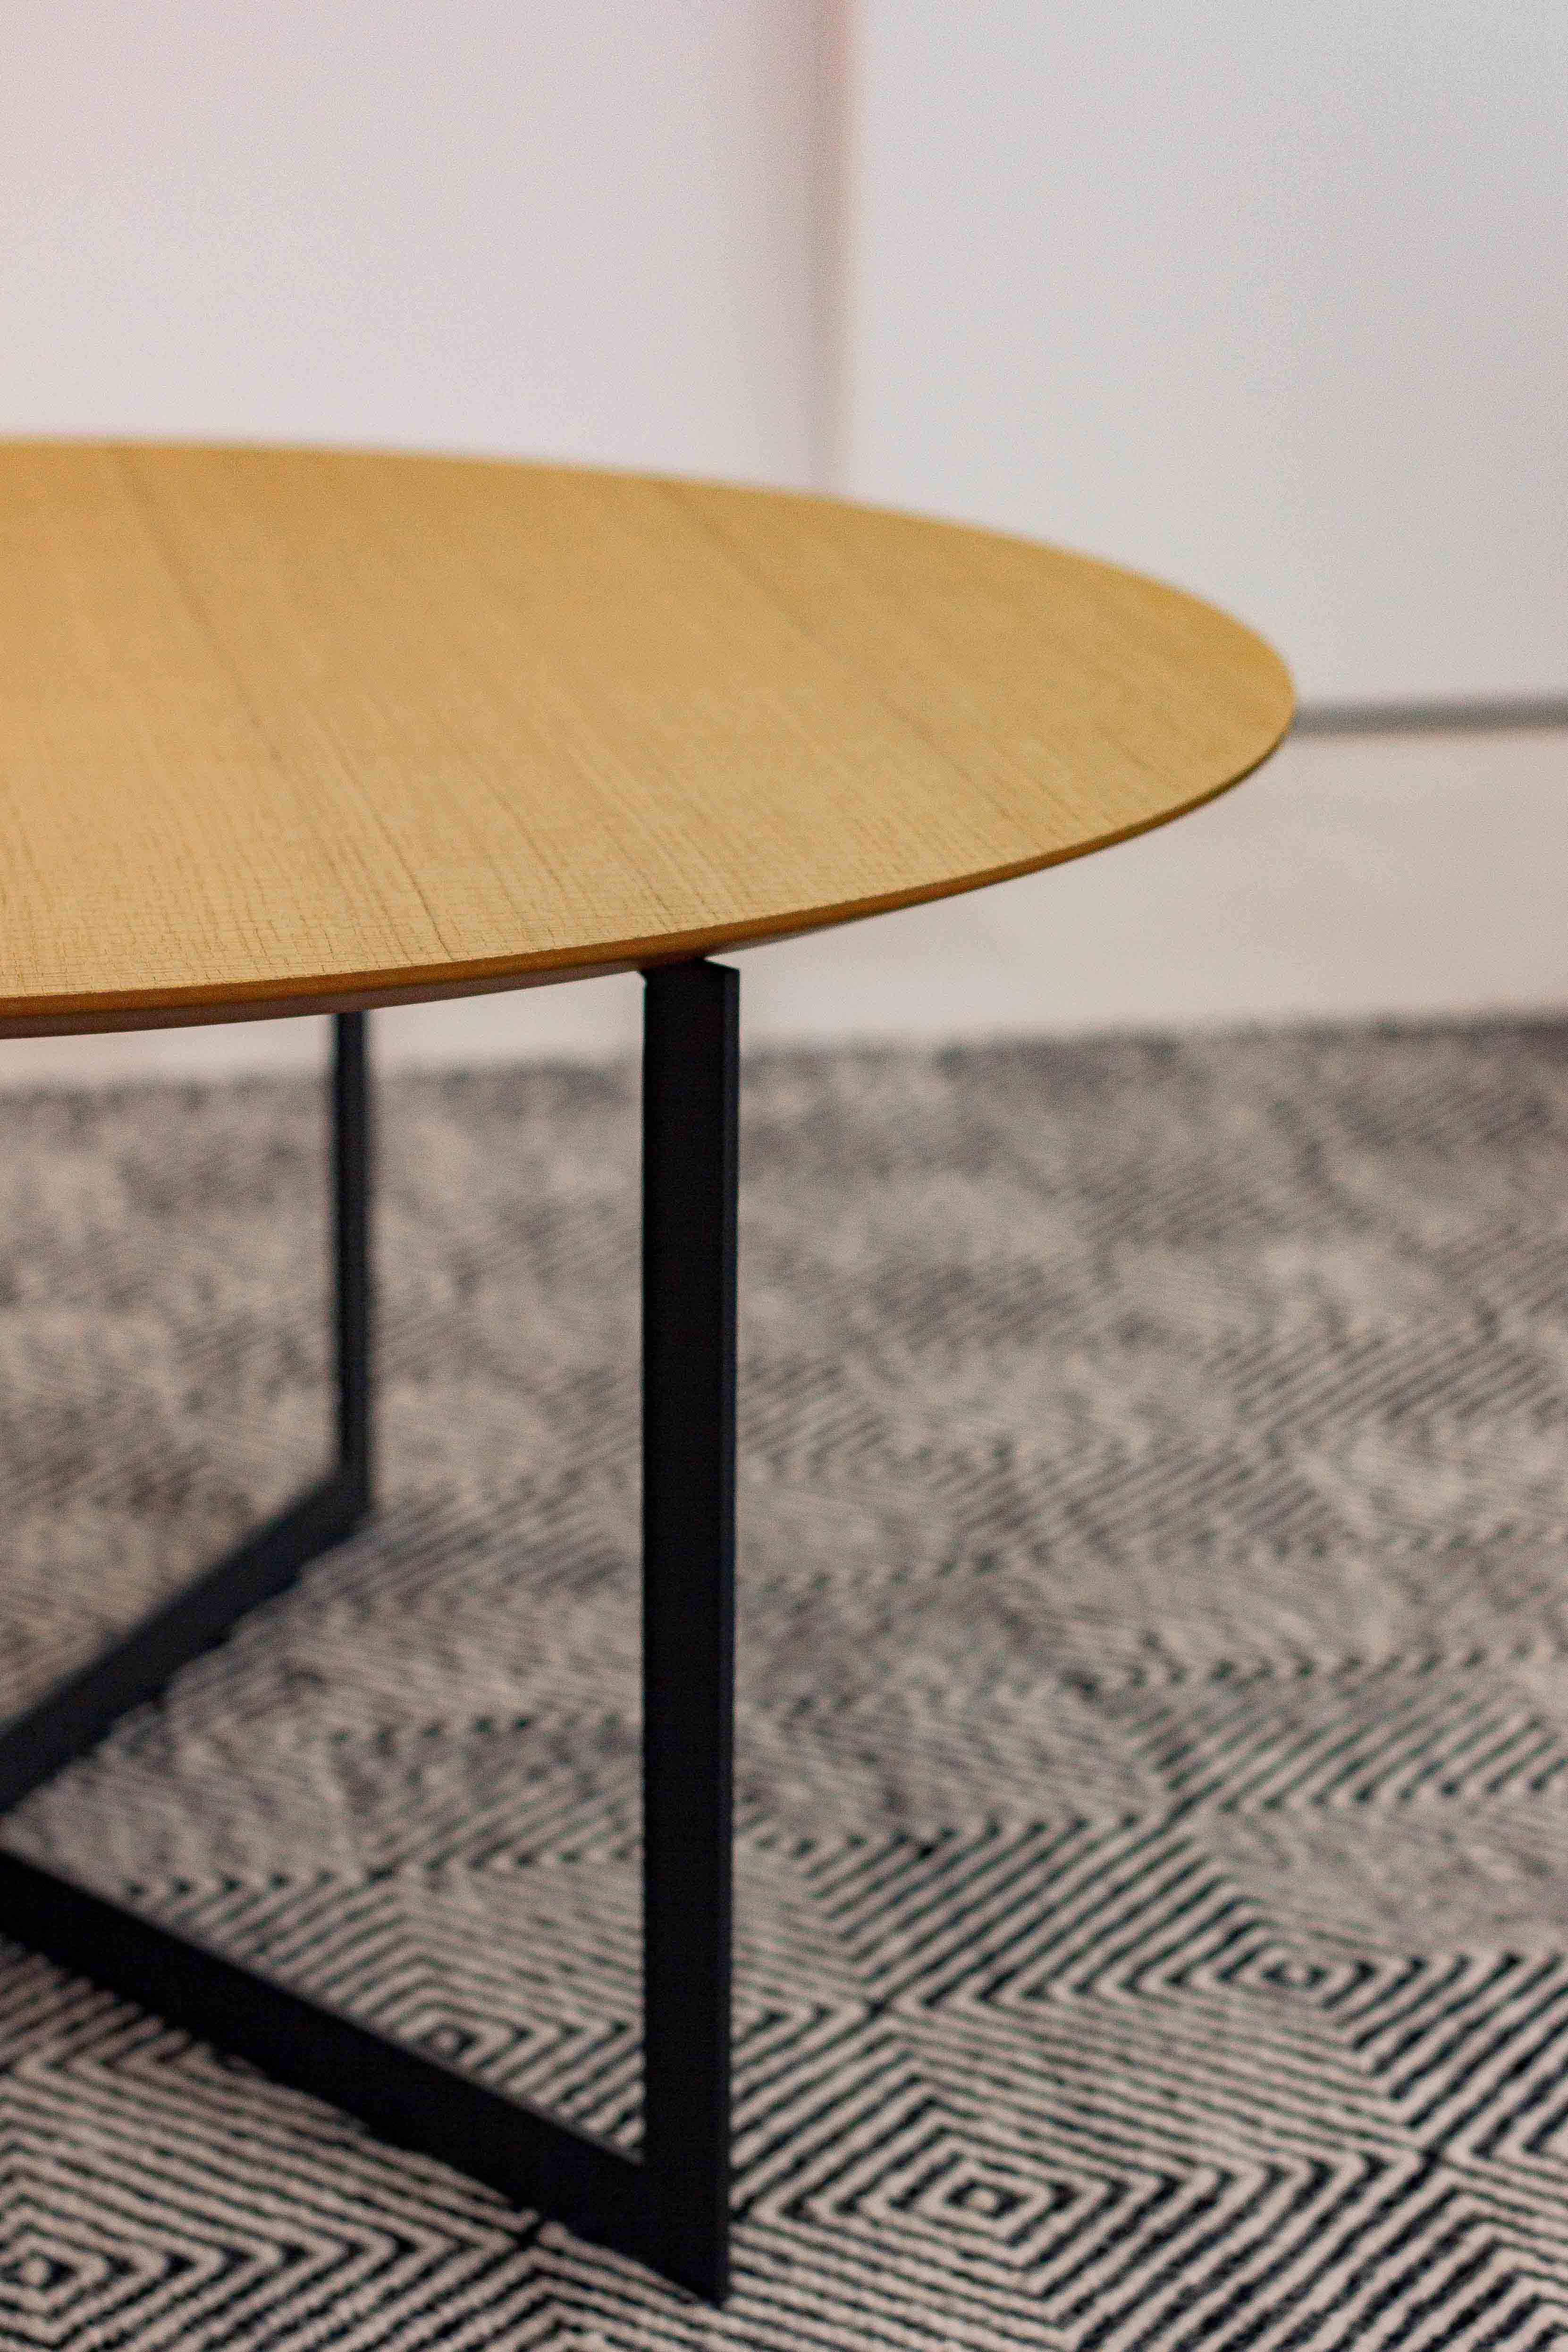 Mesa de centro de madera con alfombra blanca y negra en salón.Reforma de vivienda de pueblo - Company- Chiralt Arquitectos Valencia